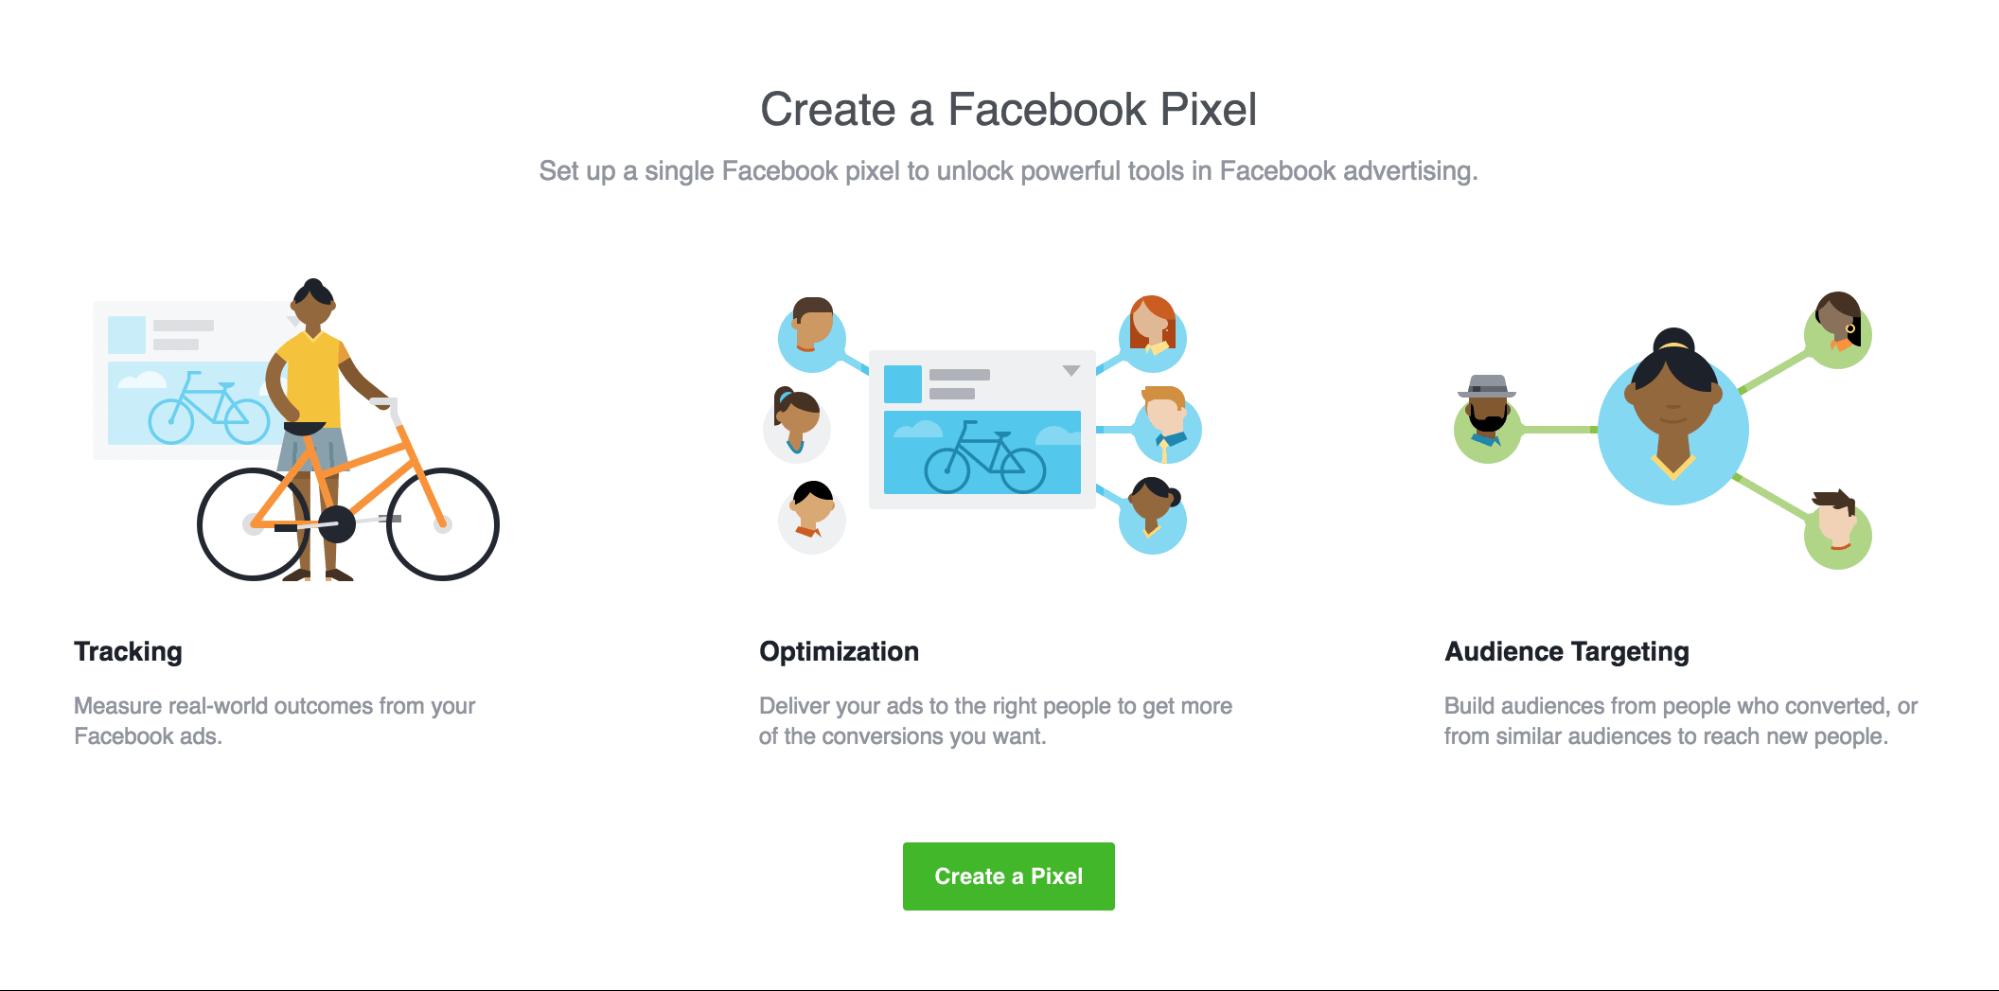 أهمية فيسبوك بيكسل لـ التجارة الالكترونية